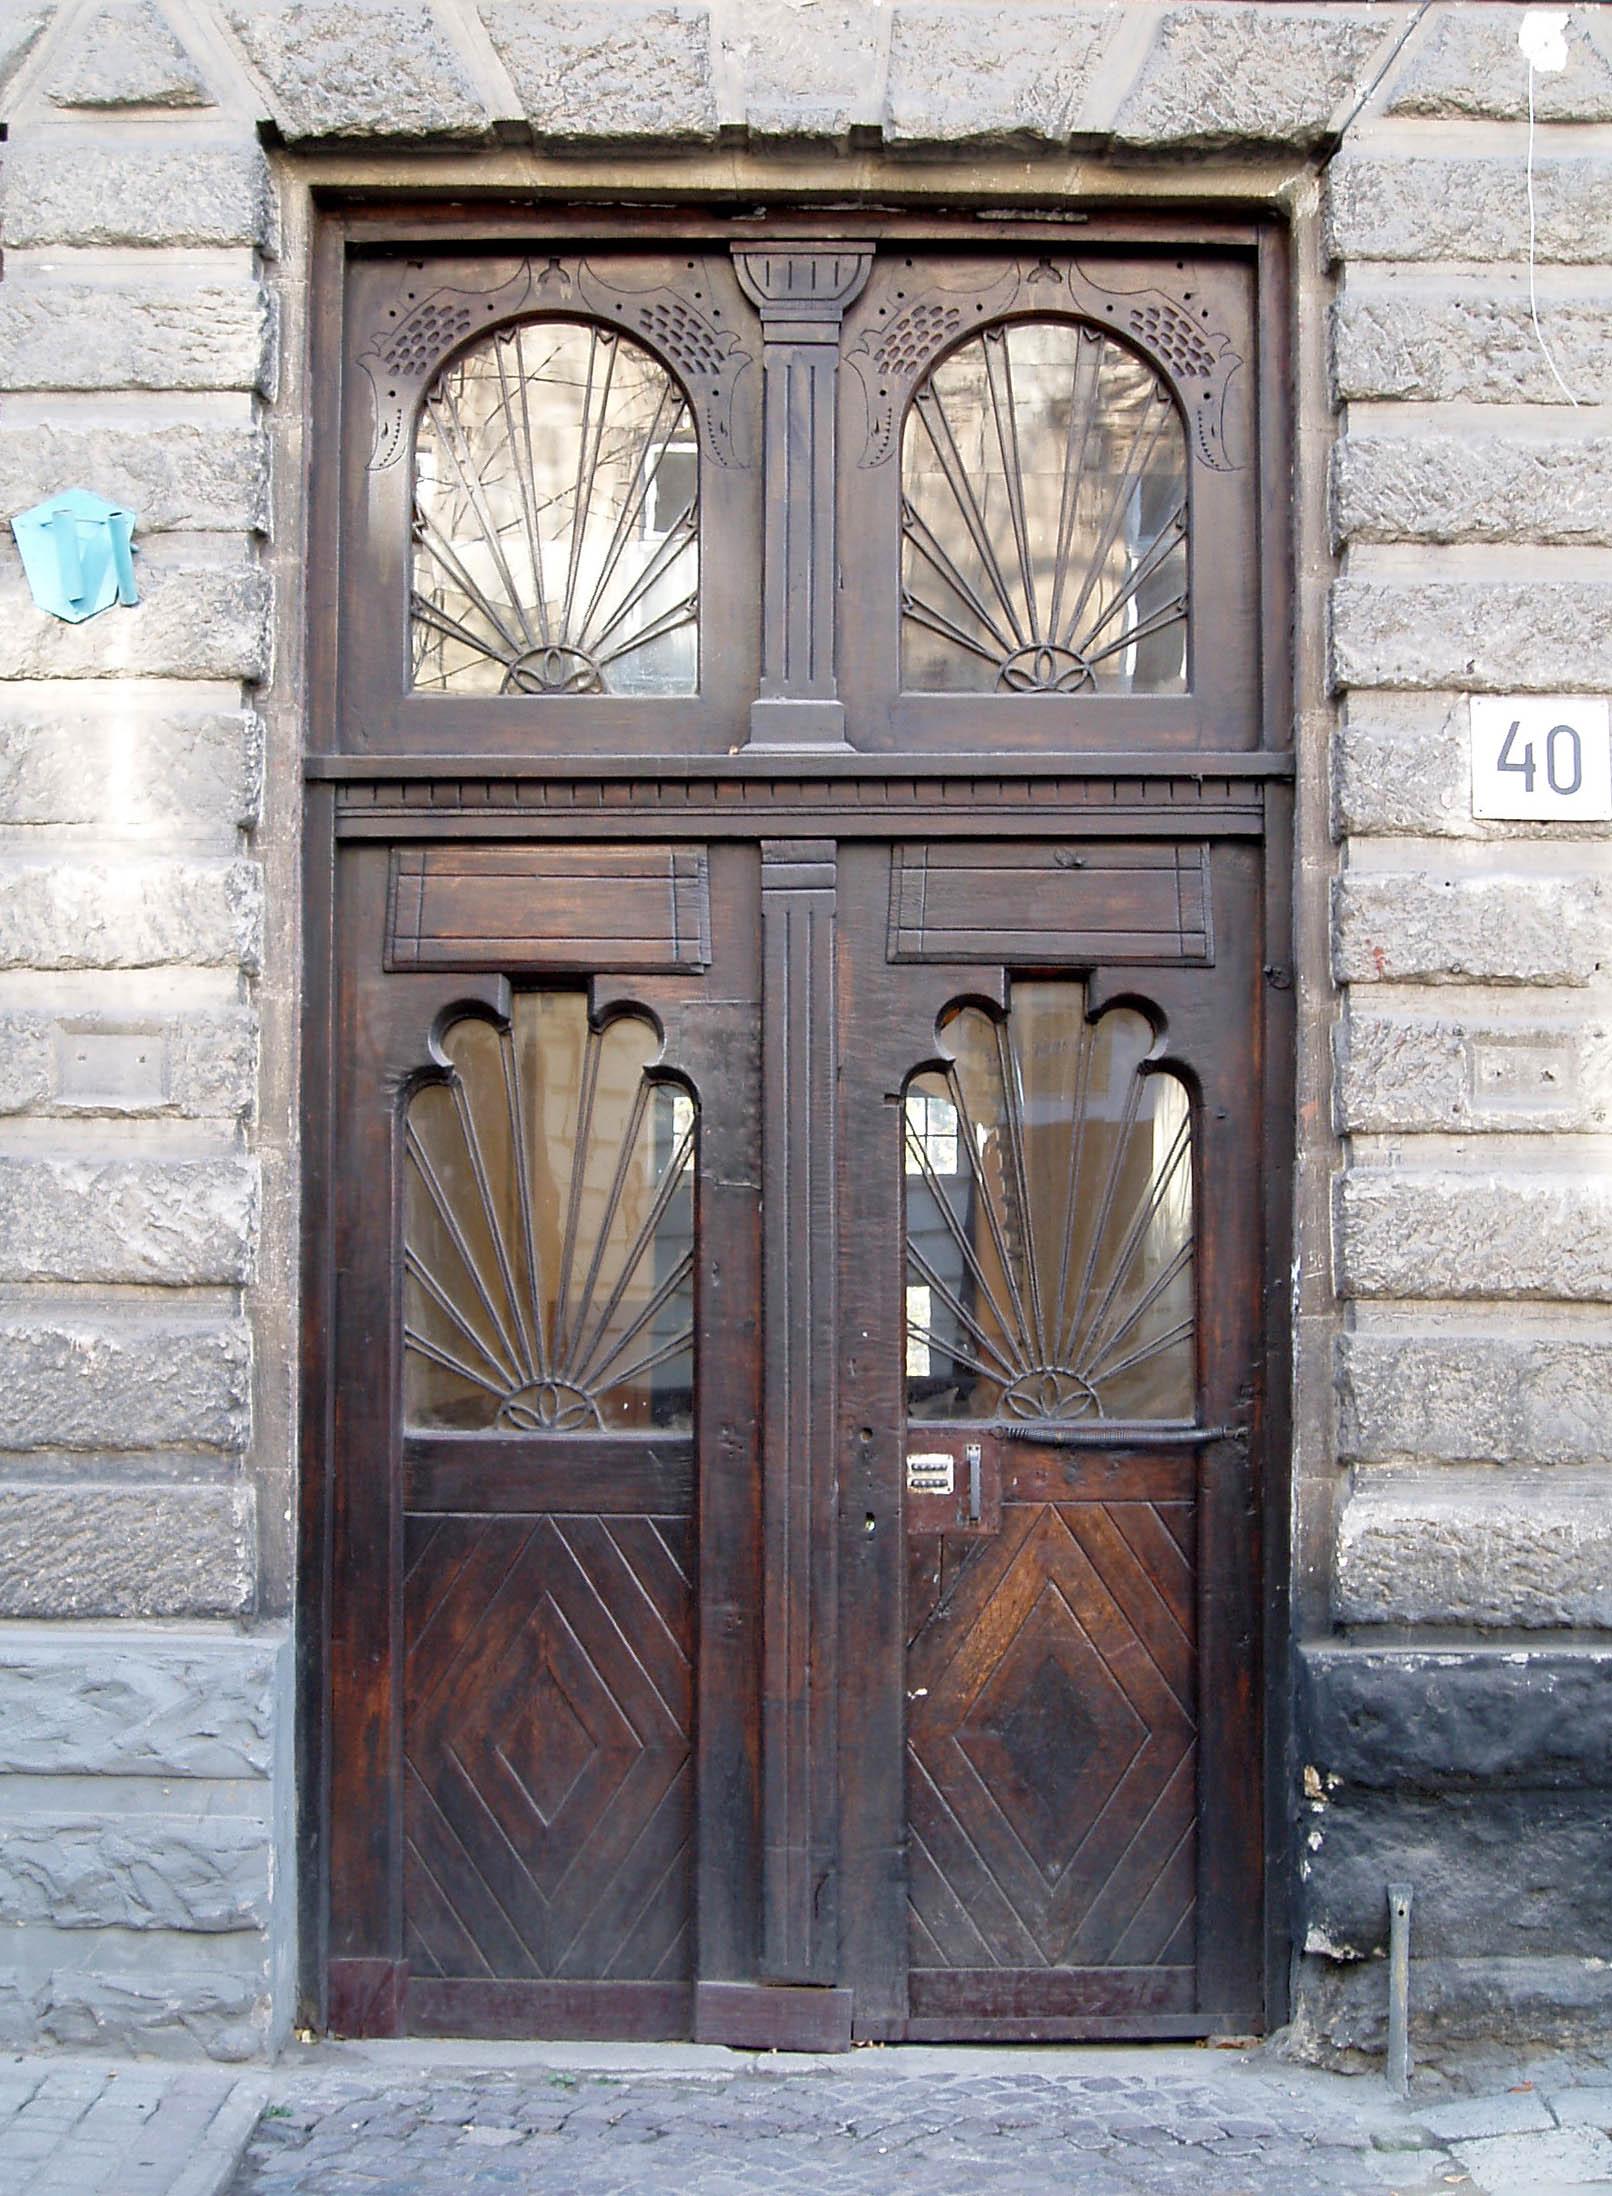 File40 Pekarska Street Lviv (door).jpg & File:40 Pekarska Street Lviv (door).jpg - Wikimedia Commons